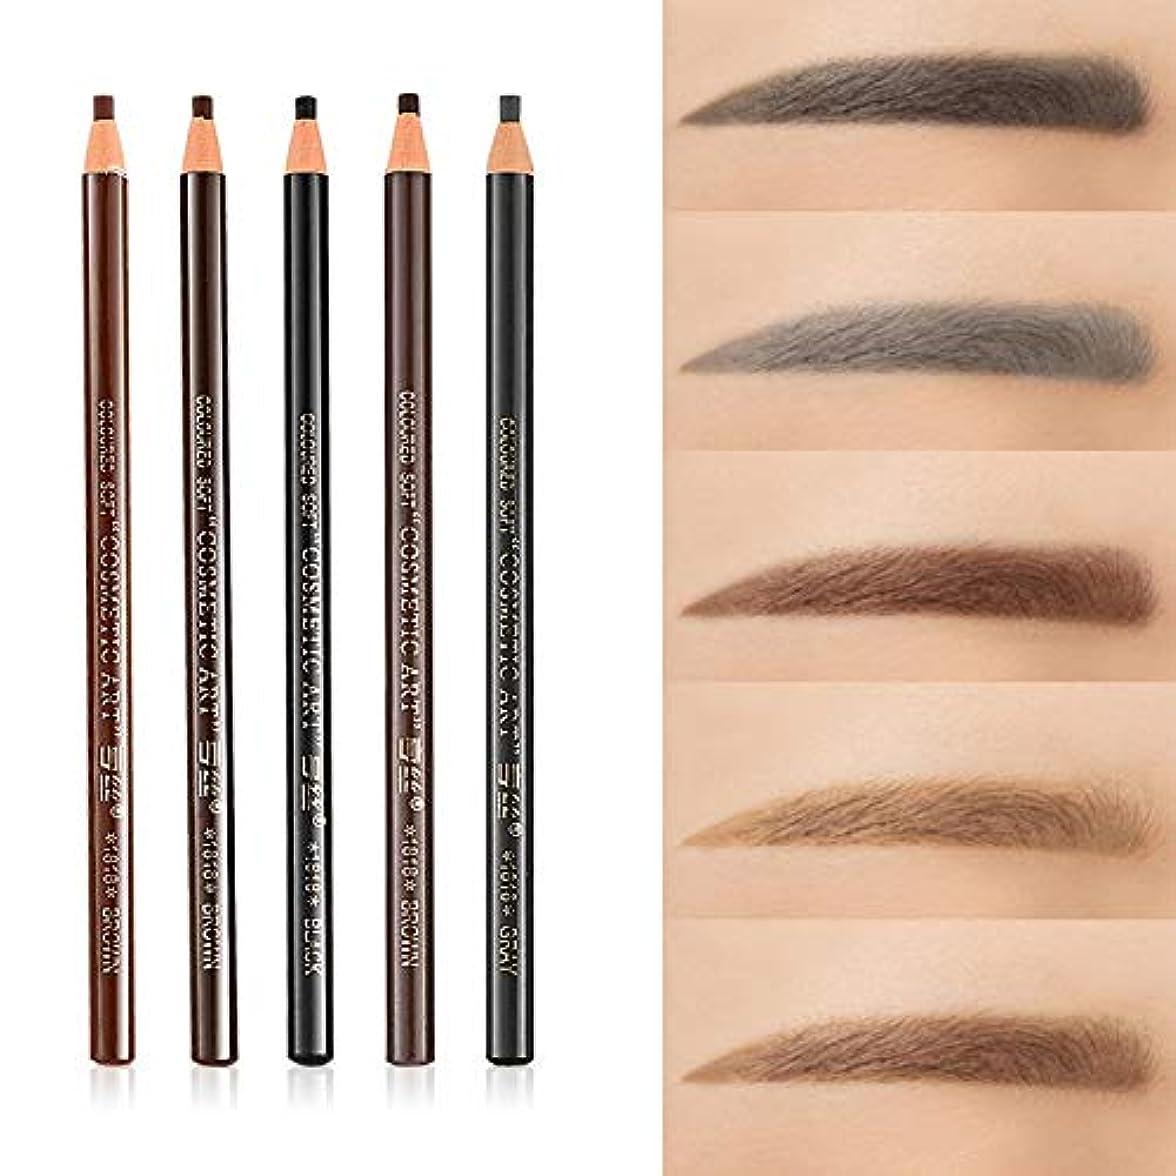 美容アクセサリー 5 PCS 5色防水汗止め眉毛鉛筆色眉毛ペンツール 写真美容アクセサリー